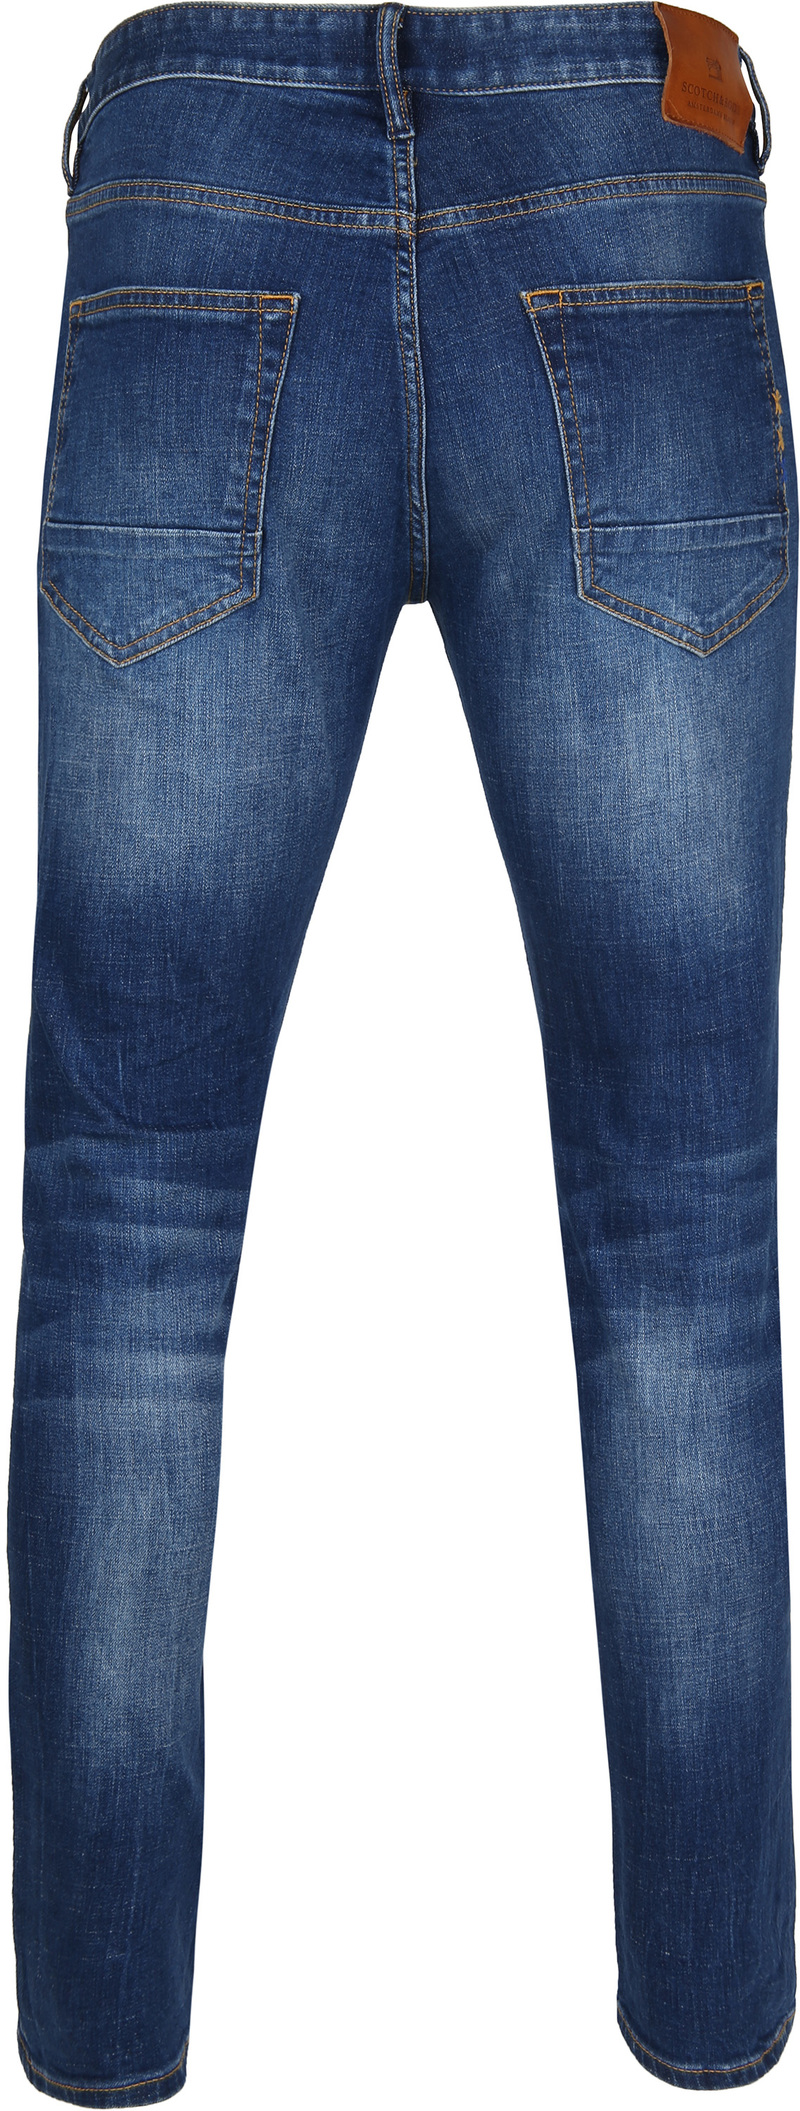 Scotch and Soda Skim Jeans Blauw